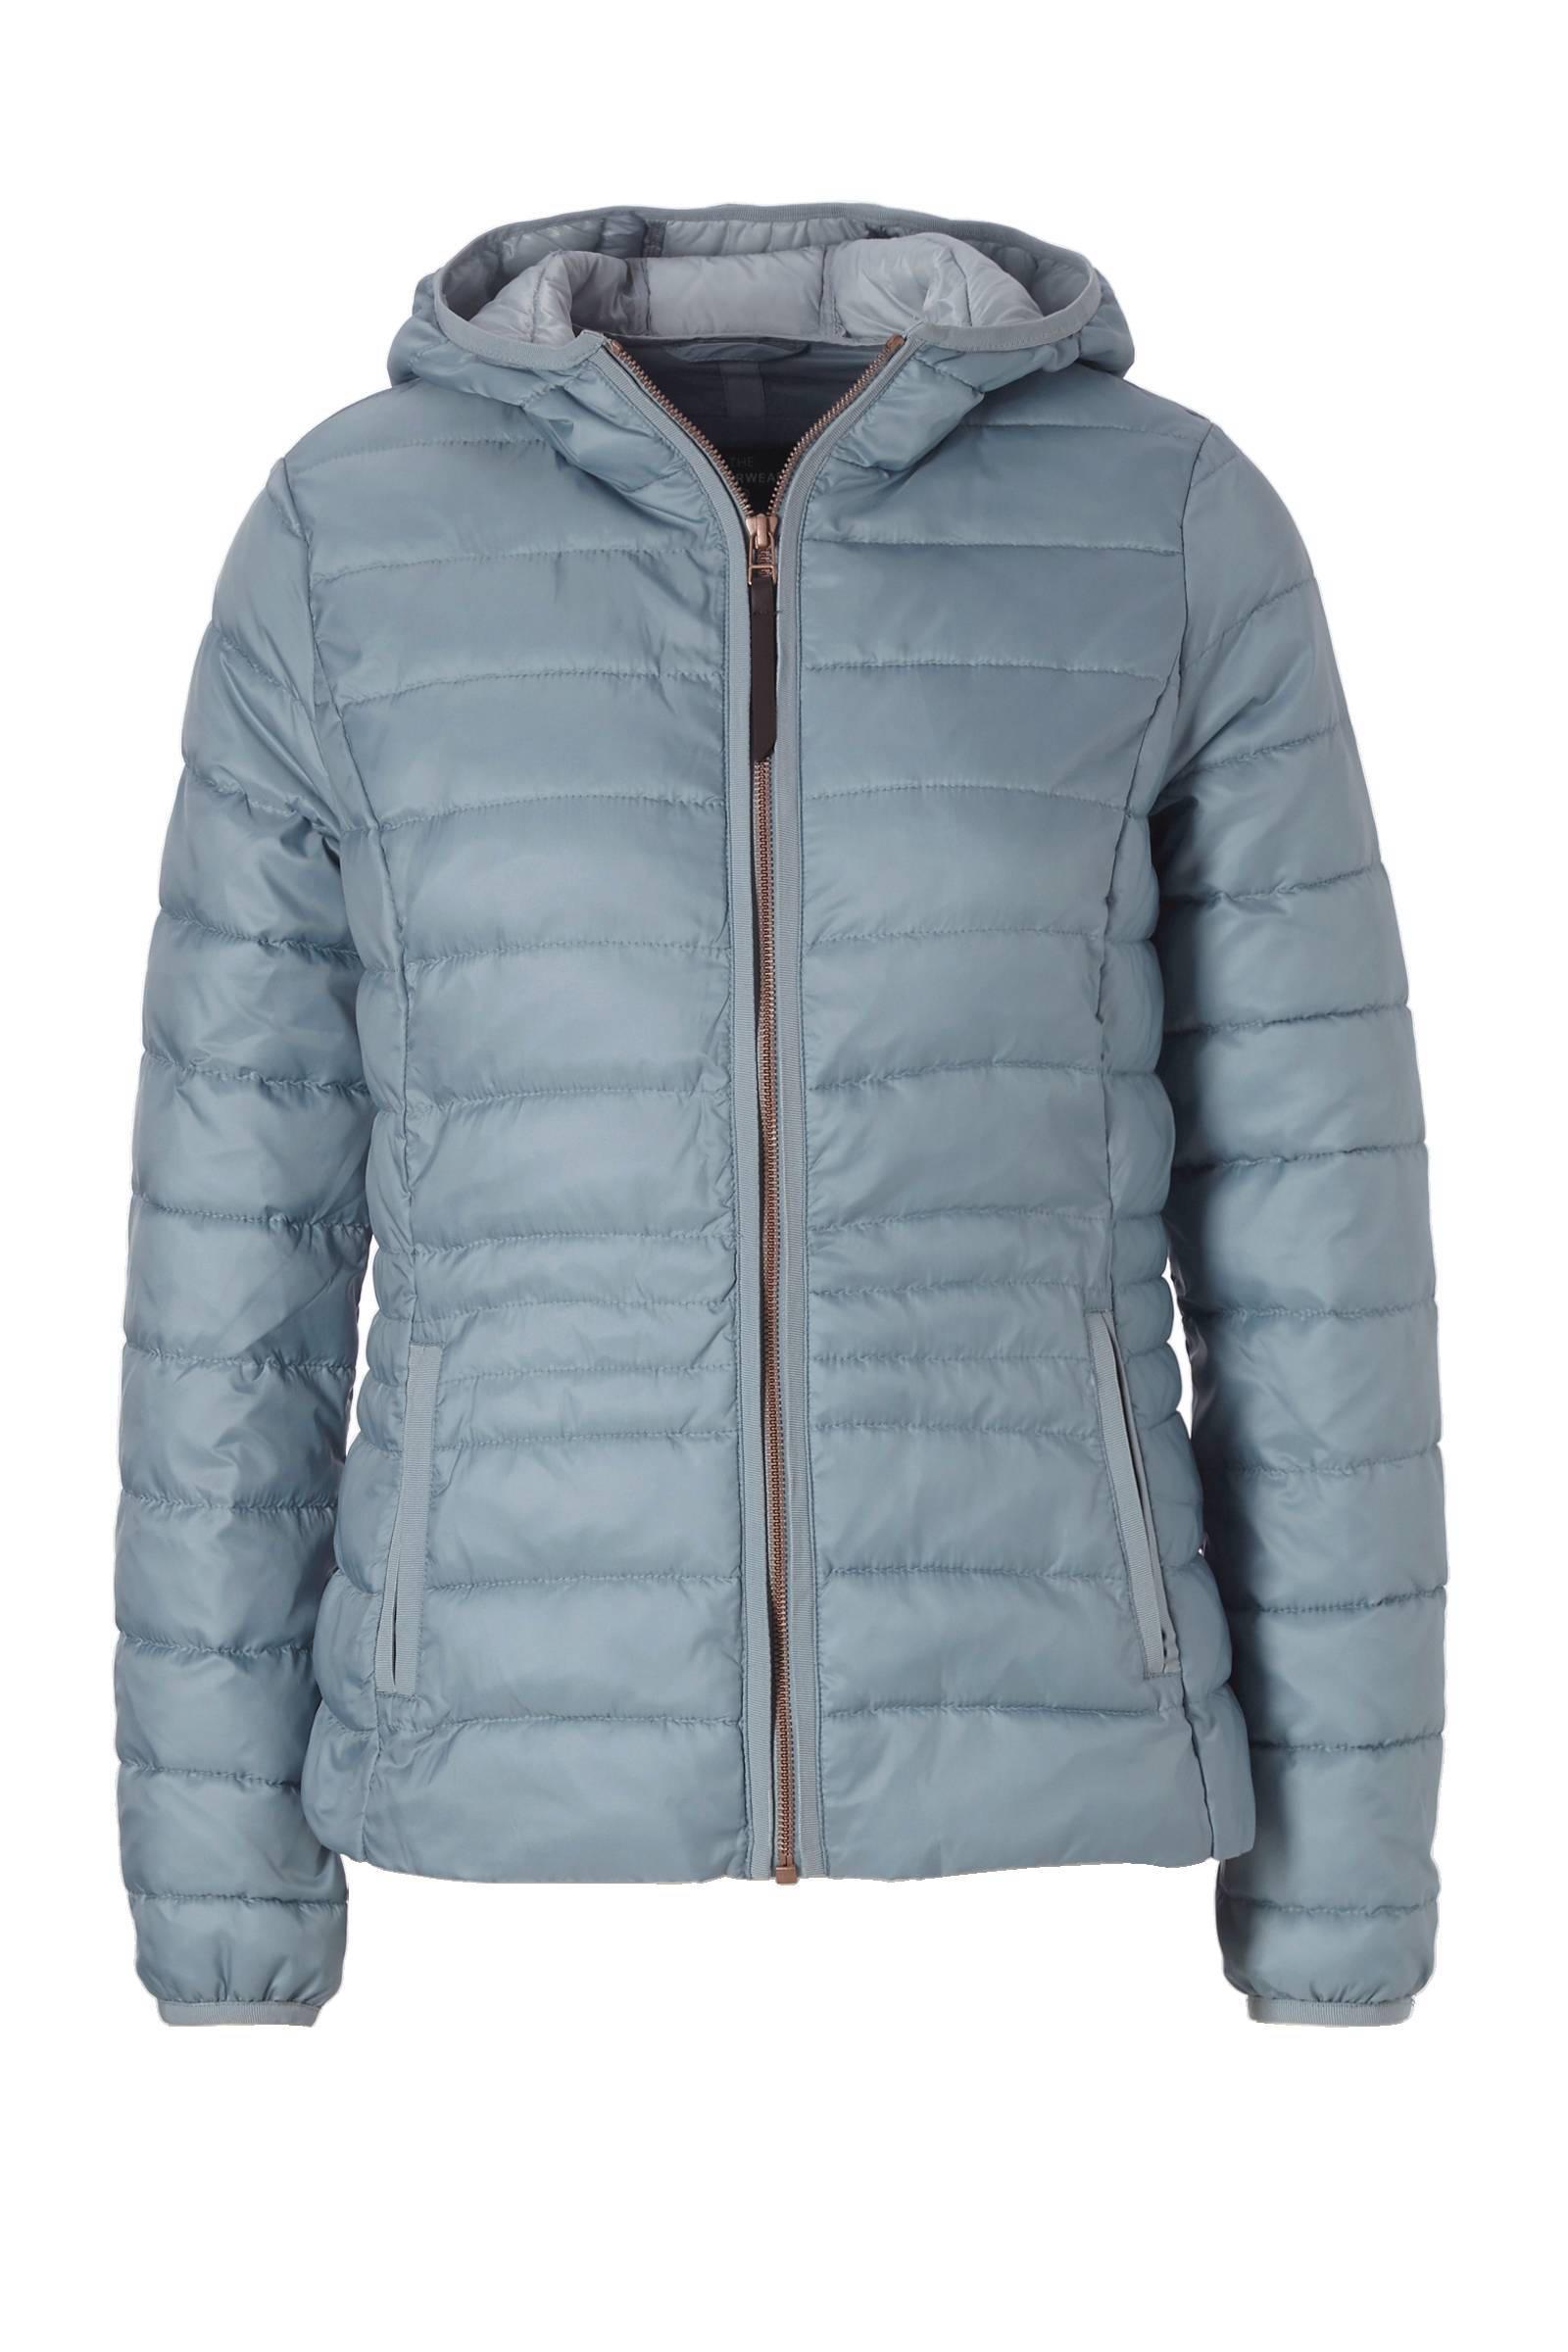 C&A Yessica gewatteerde jas | wehkamp